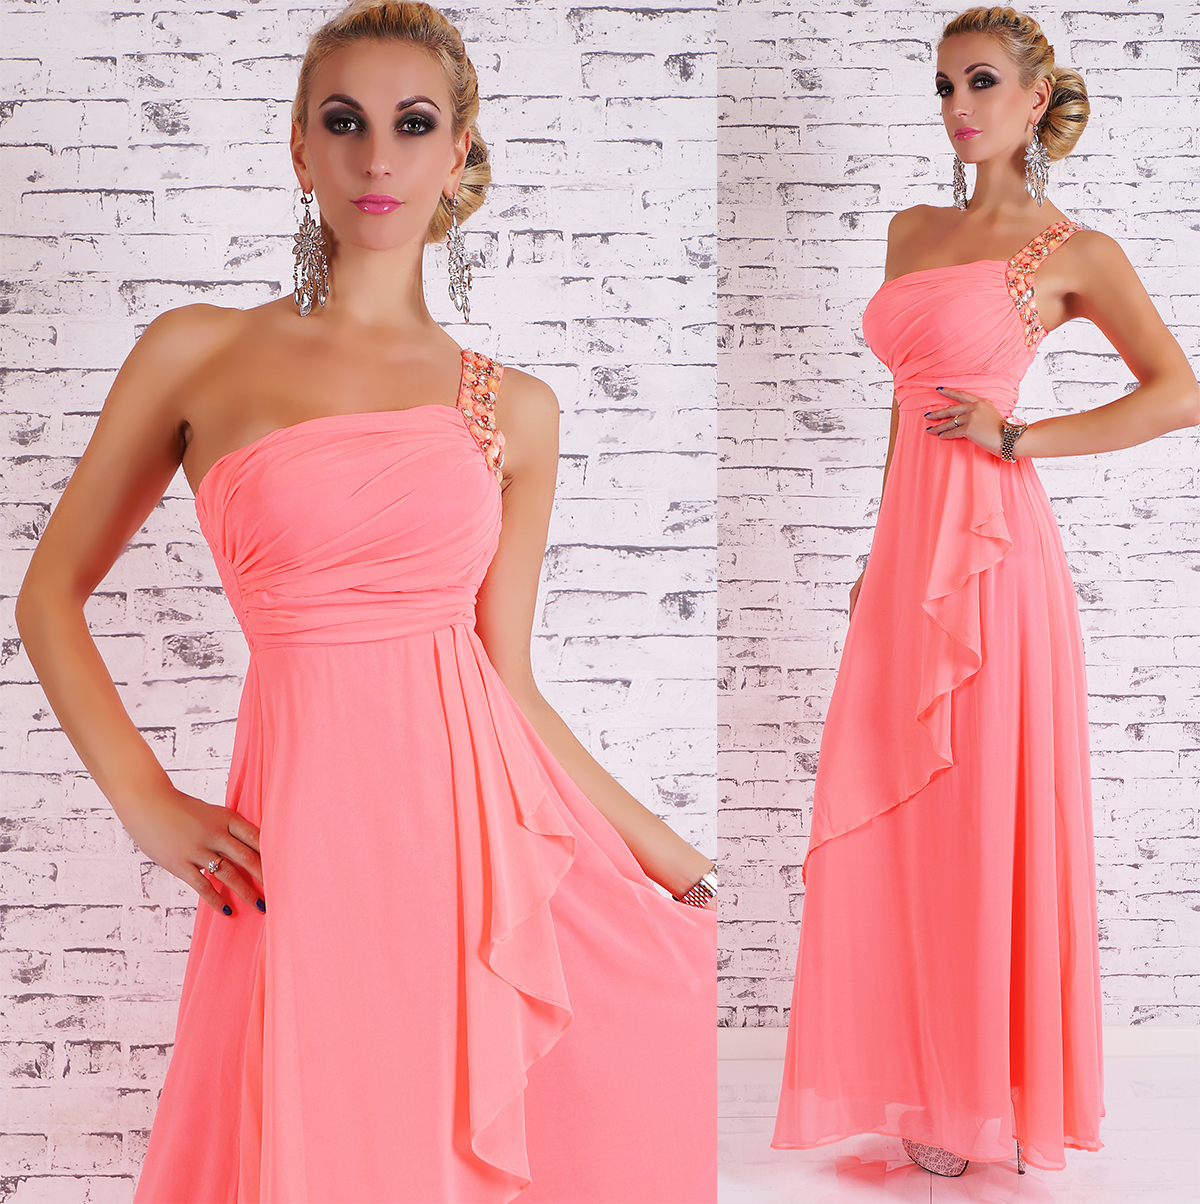 Dlouhé dámské společenské/plesové šaty - ROSA - vel. M/L